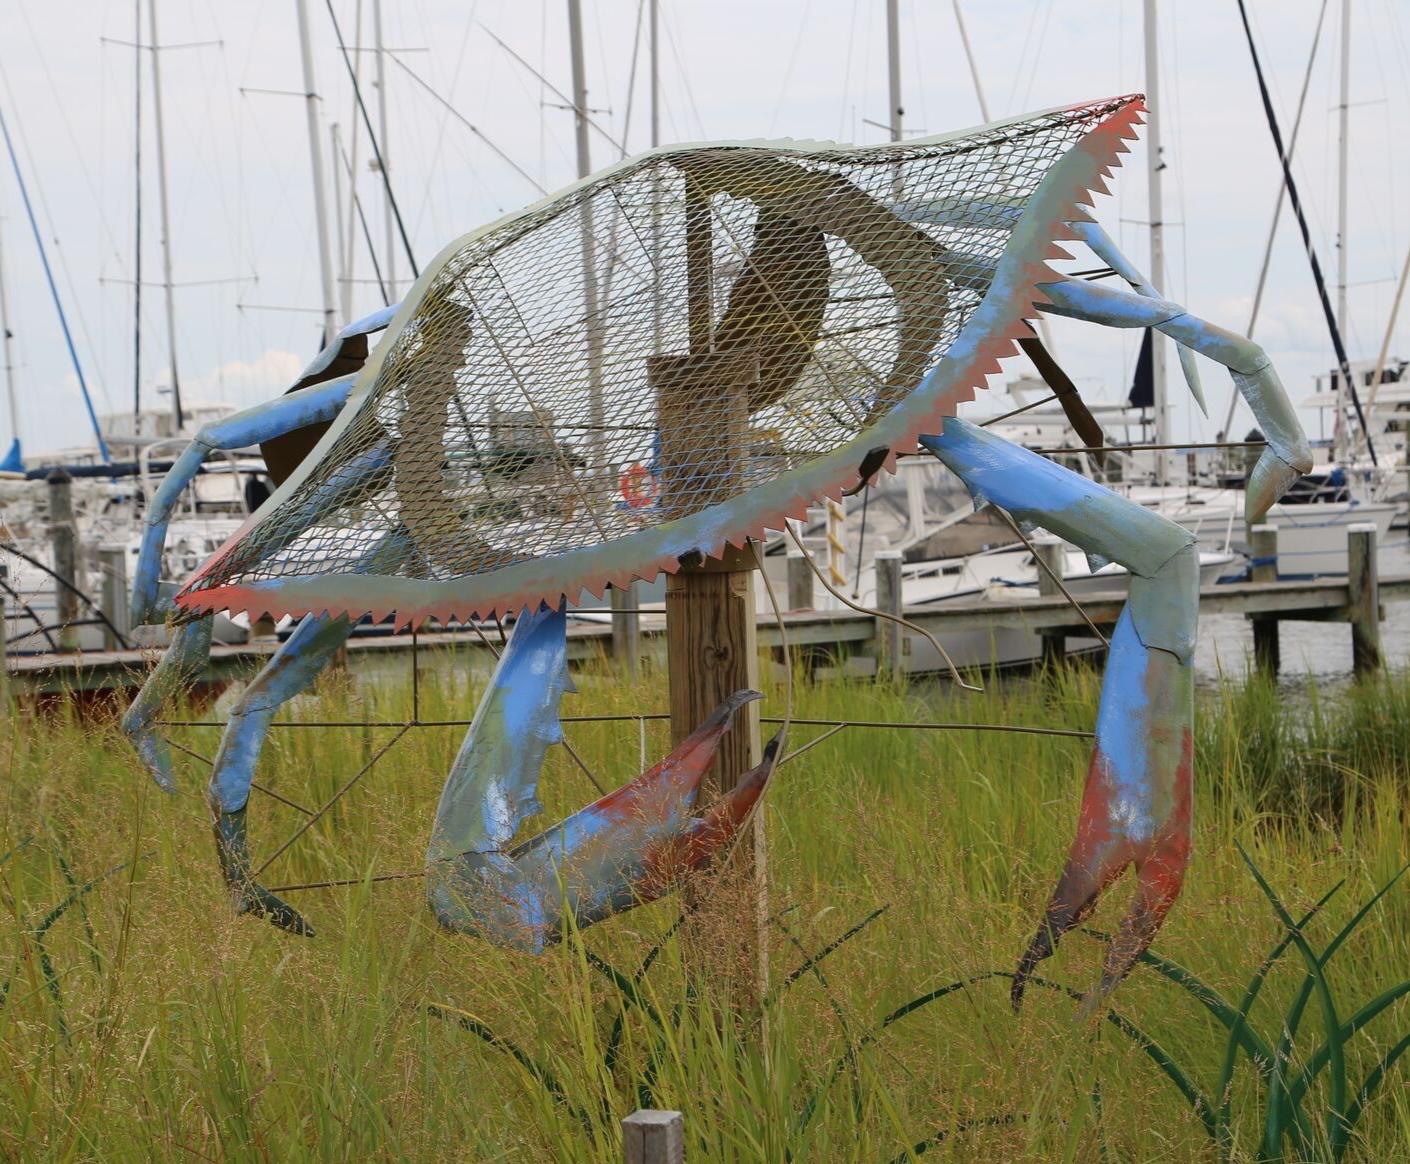 BLUE CRAB - Annapolis Maritime Museum - Annapolis, MD 2017